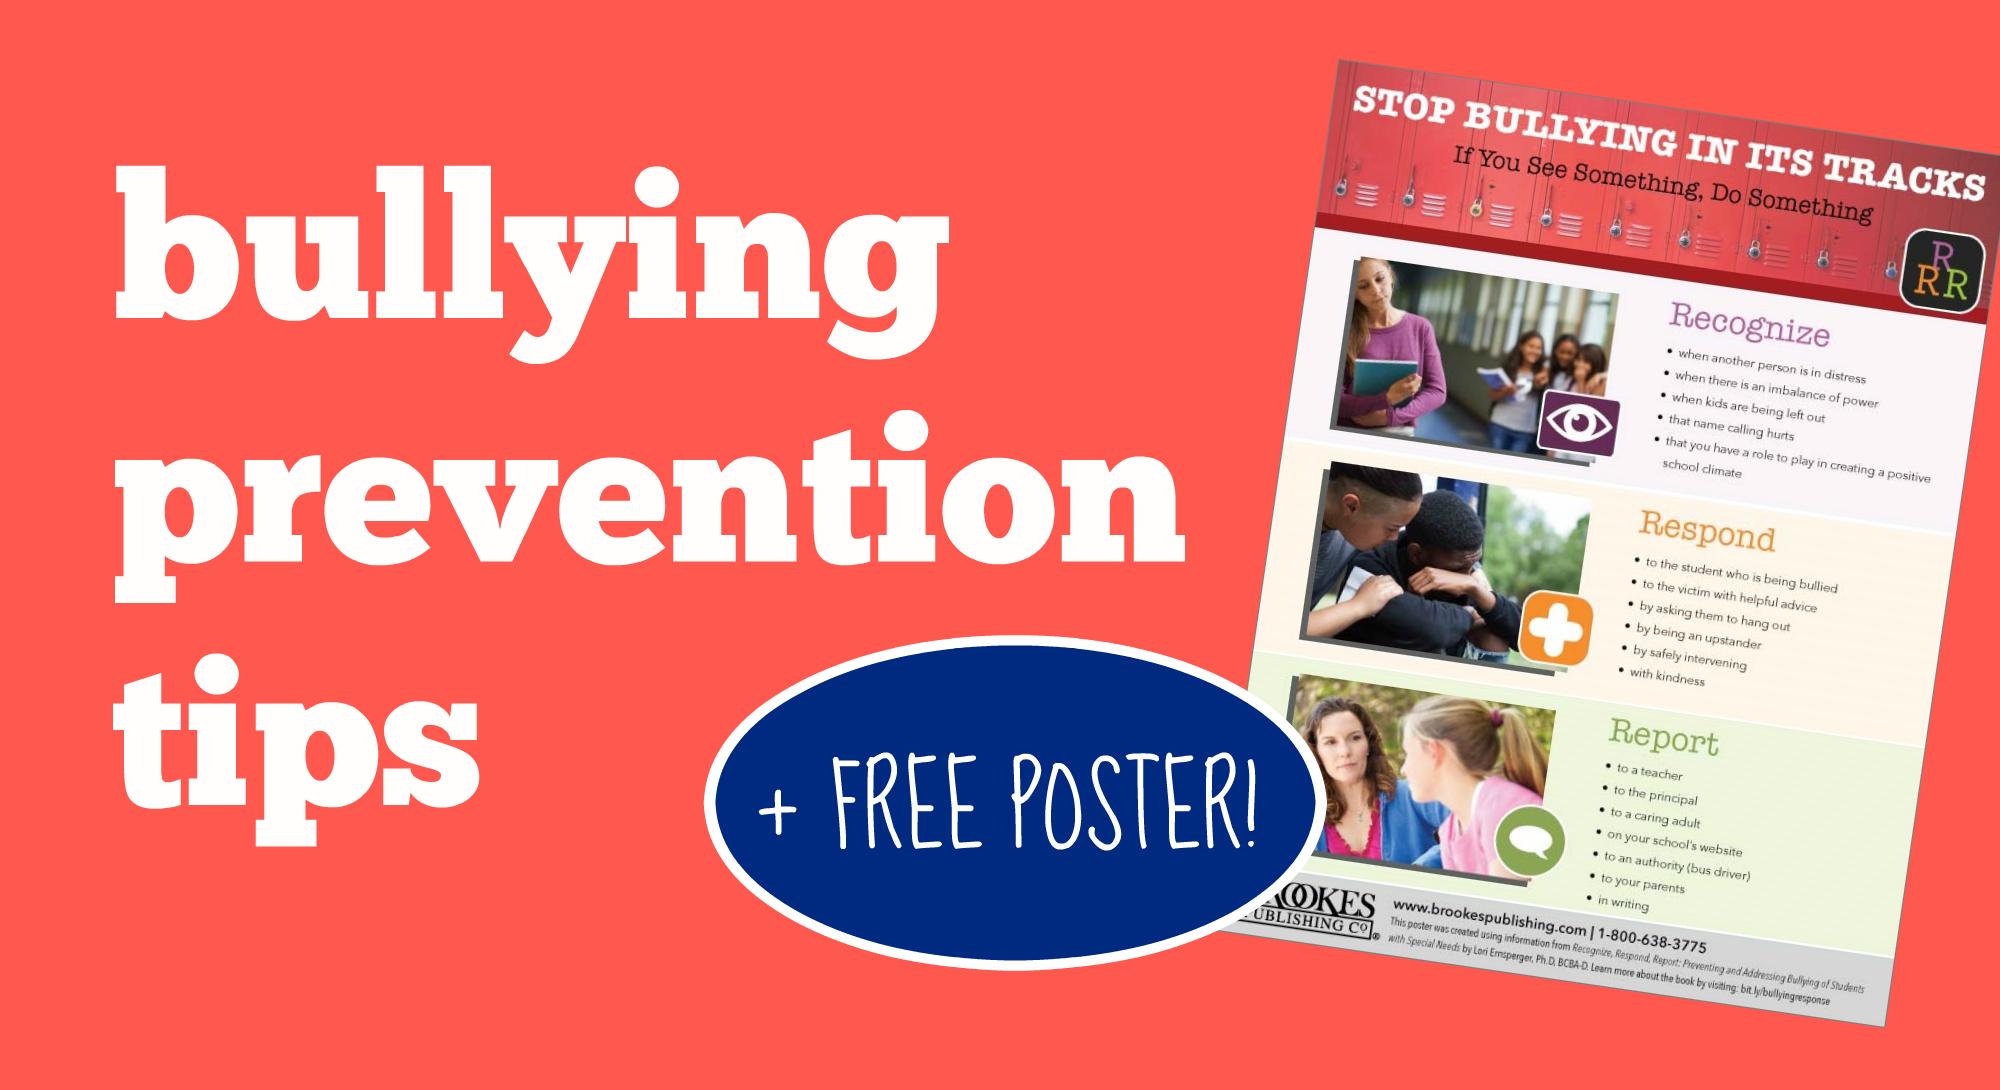 bullying prevention tips